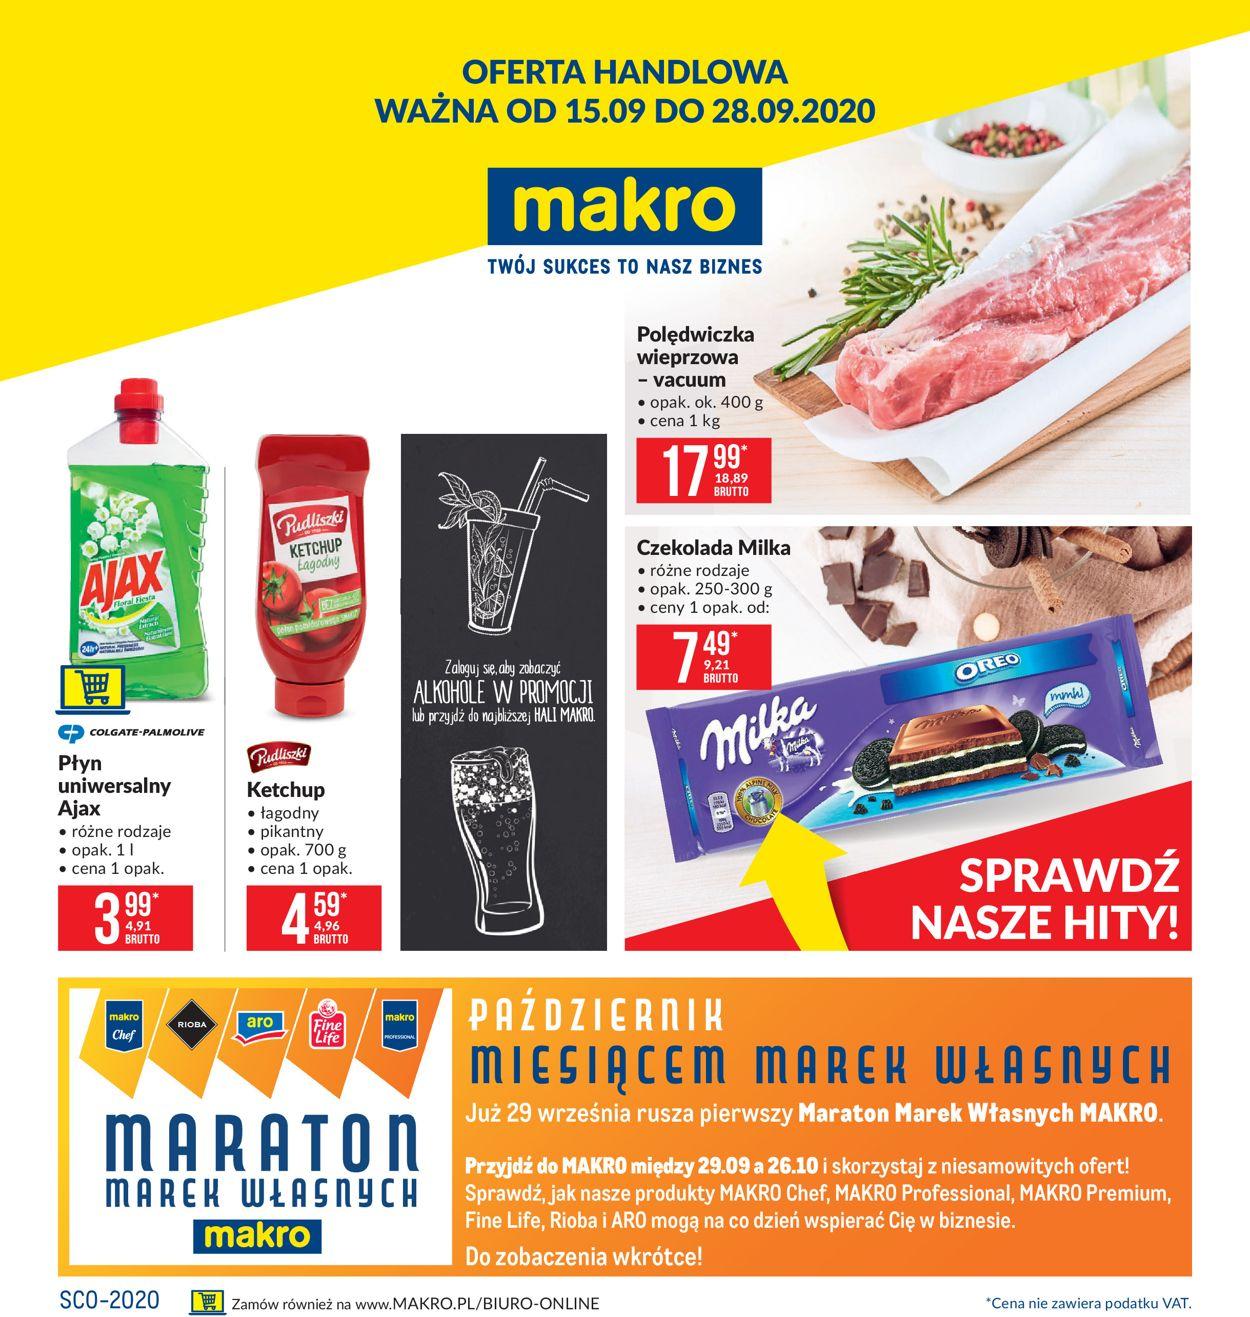 Gazetka promocyjna Makro - 15.09-28.09.2020